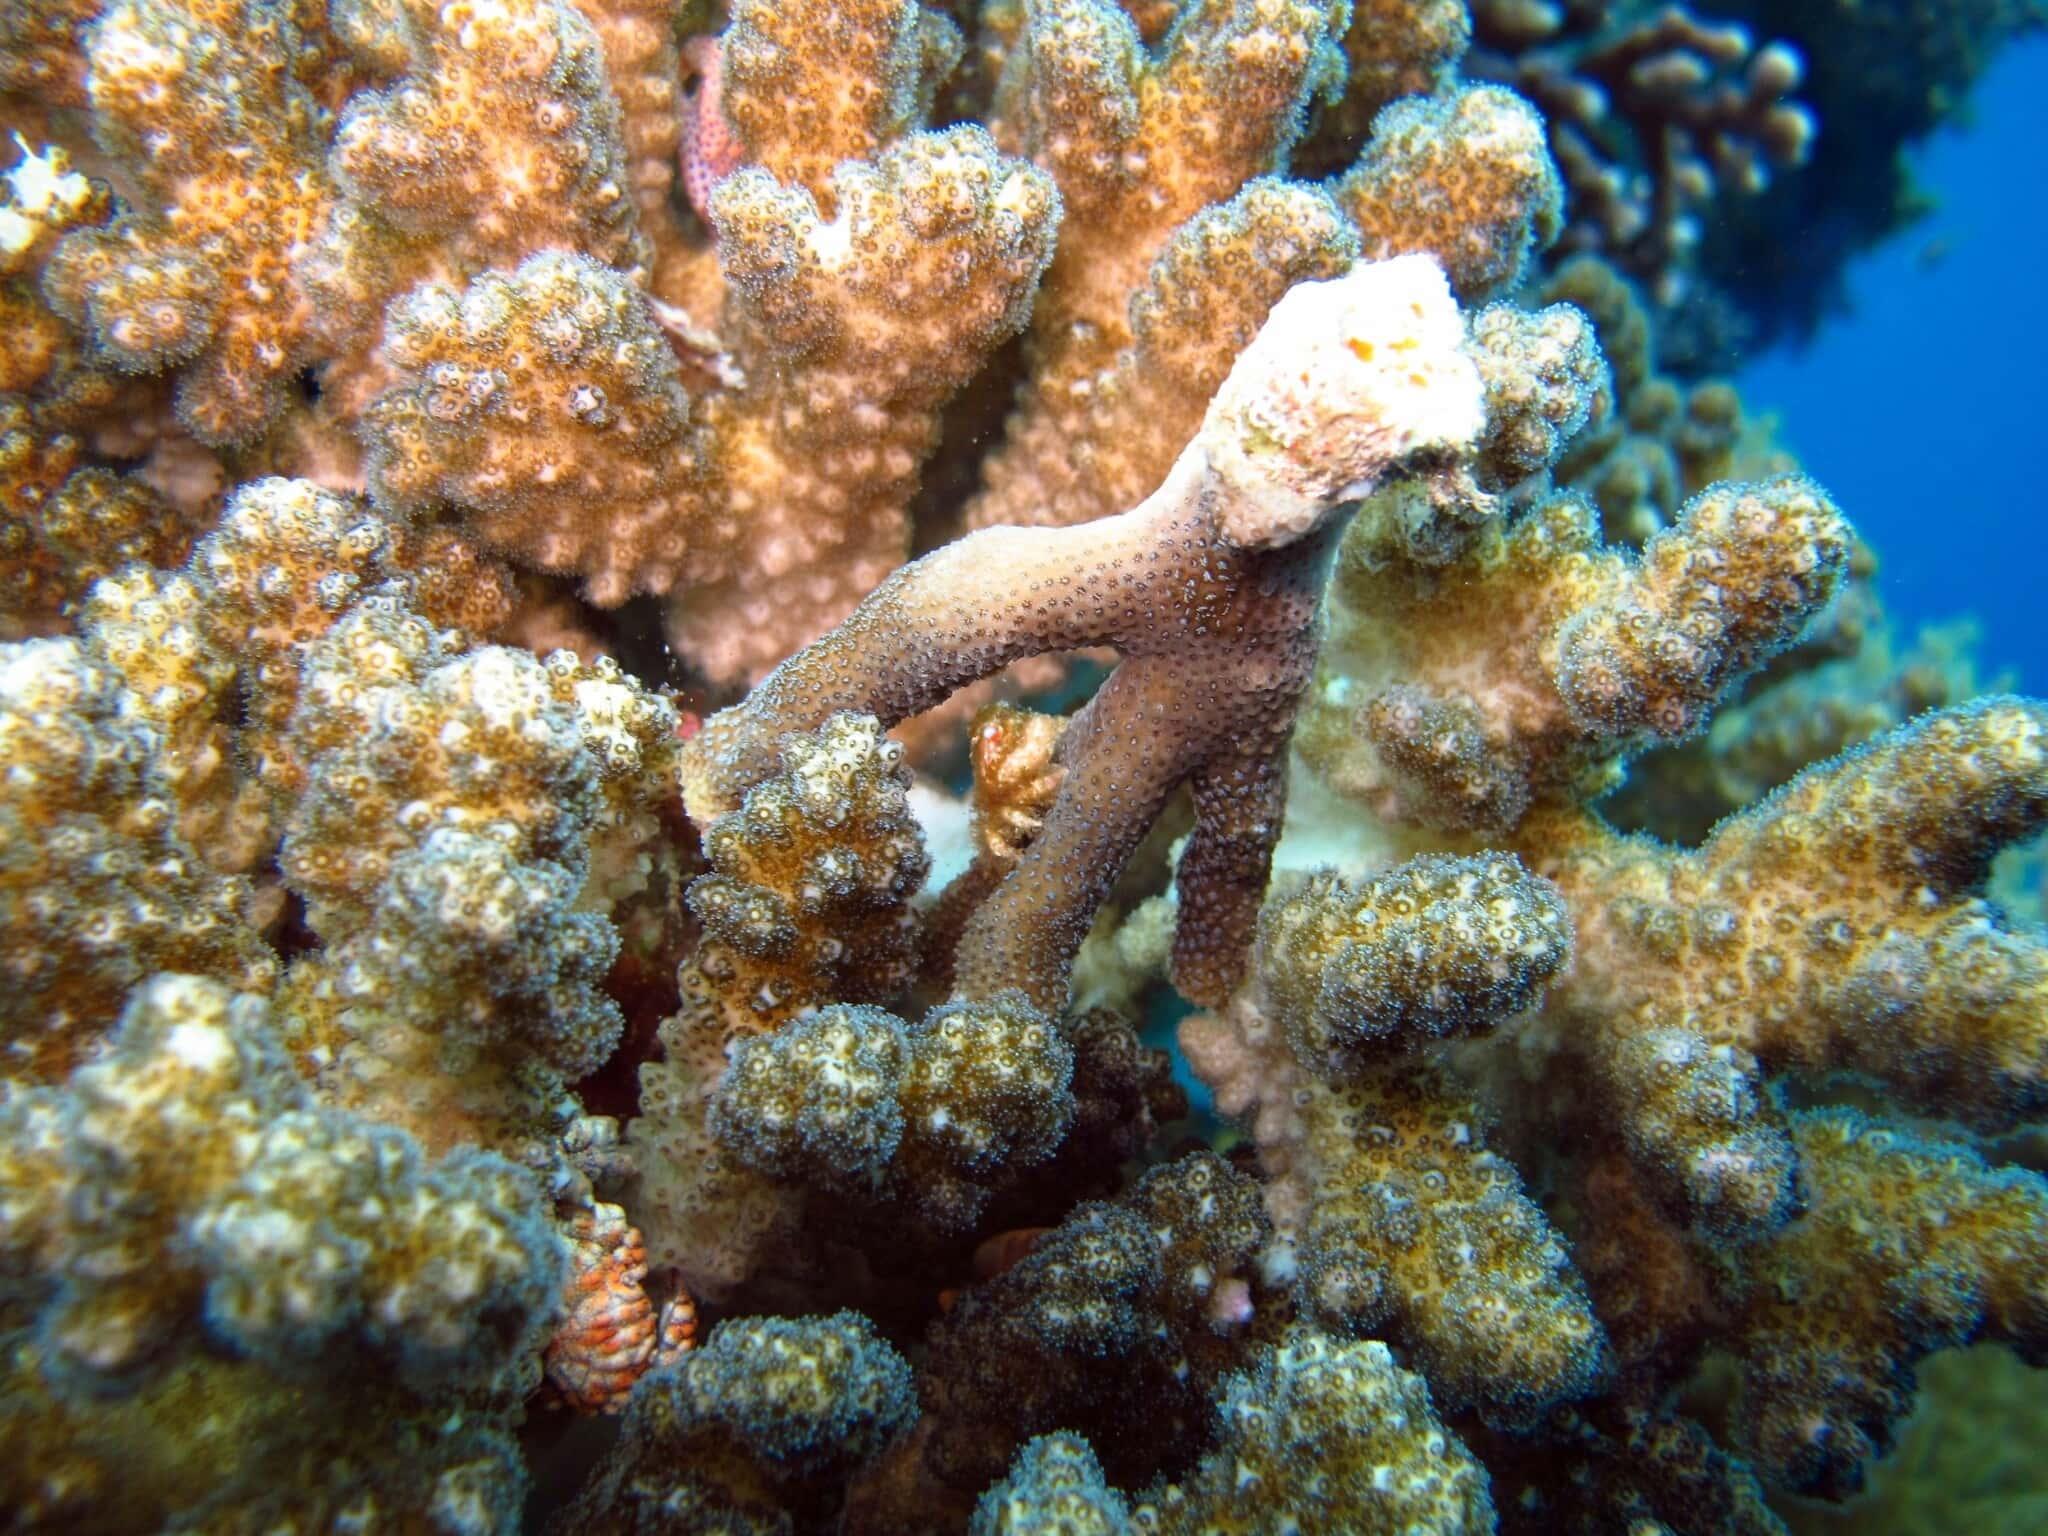 אלמוגים גדלים על גבי פסולת בנייה באילת (צילום: אסף זבולוני/רשות הטבע והגנים)